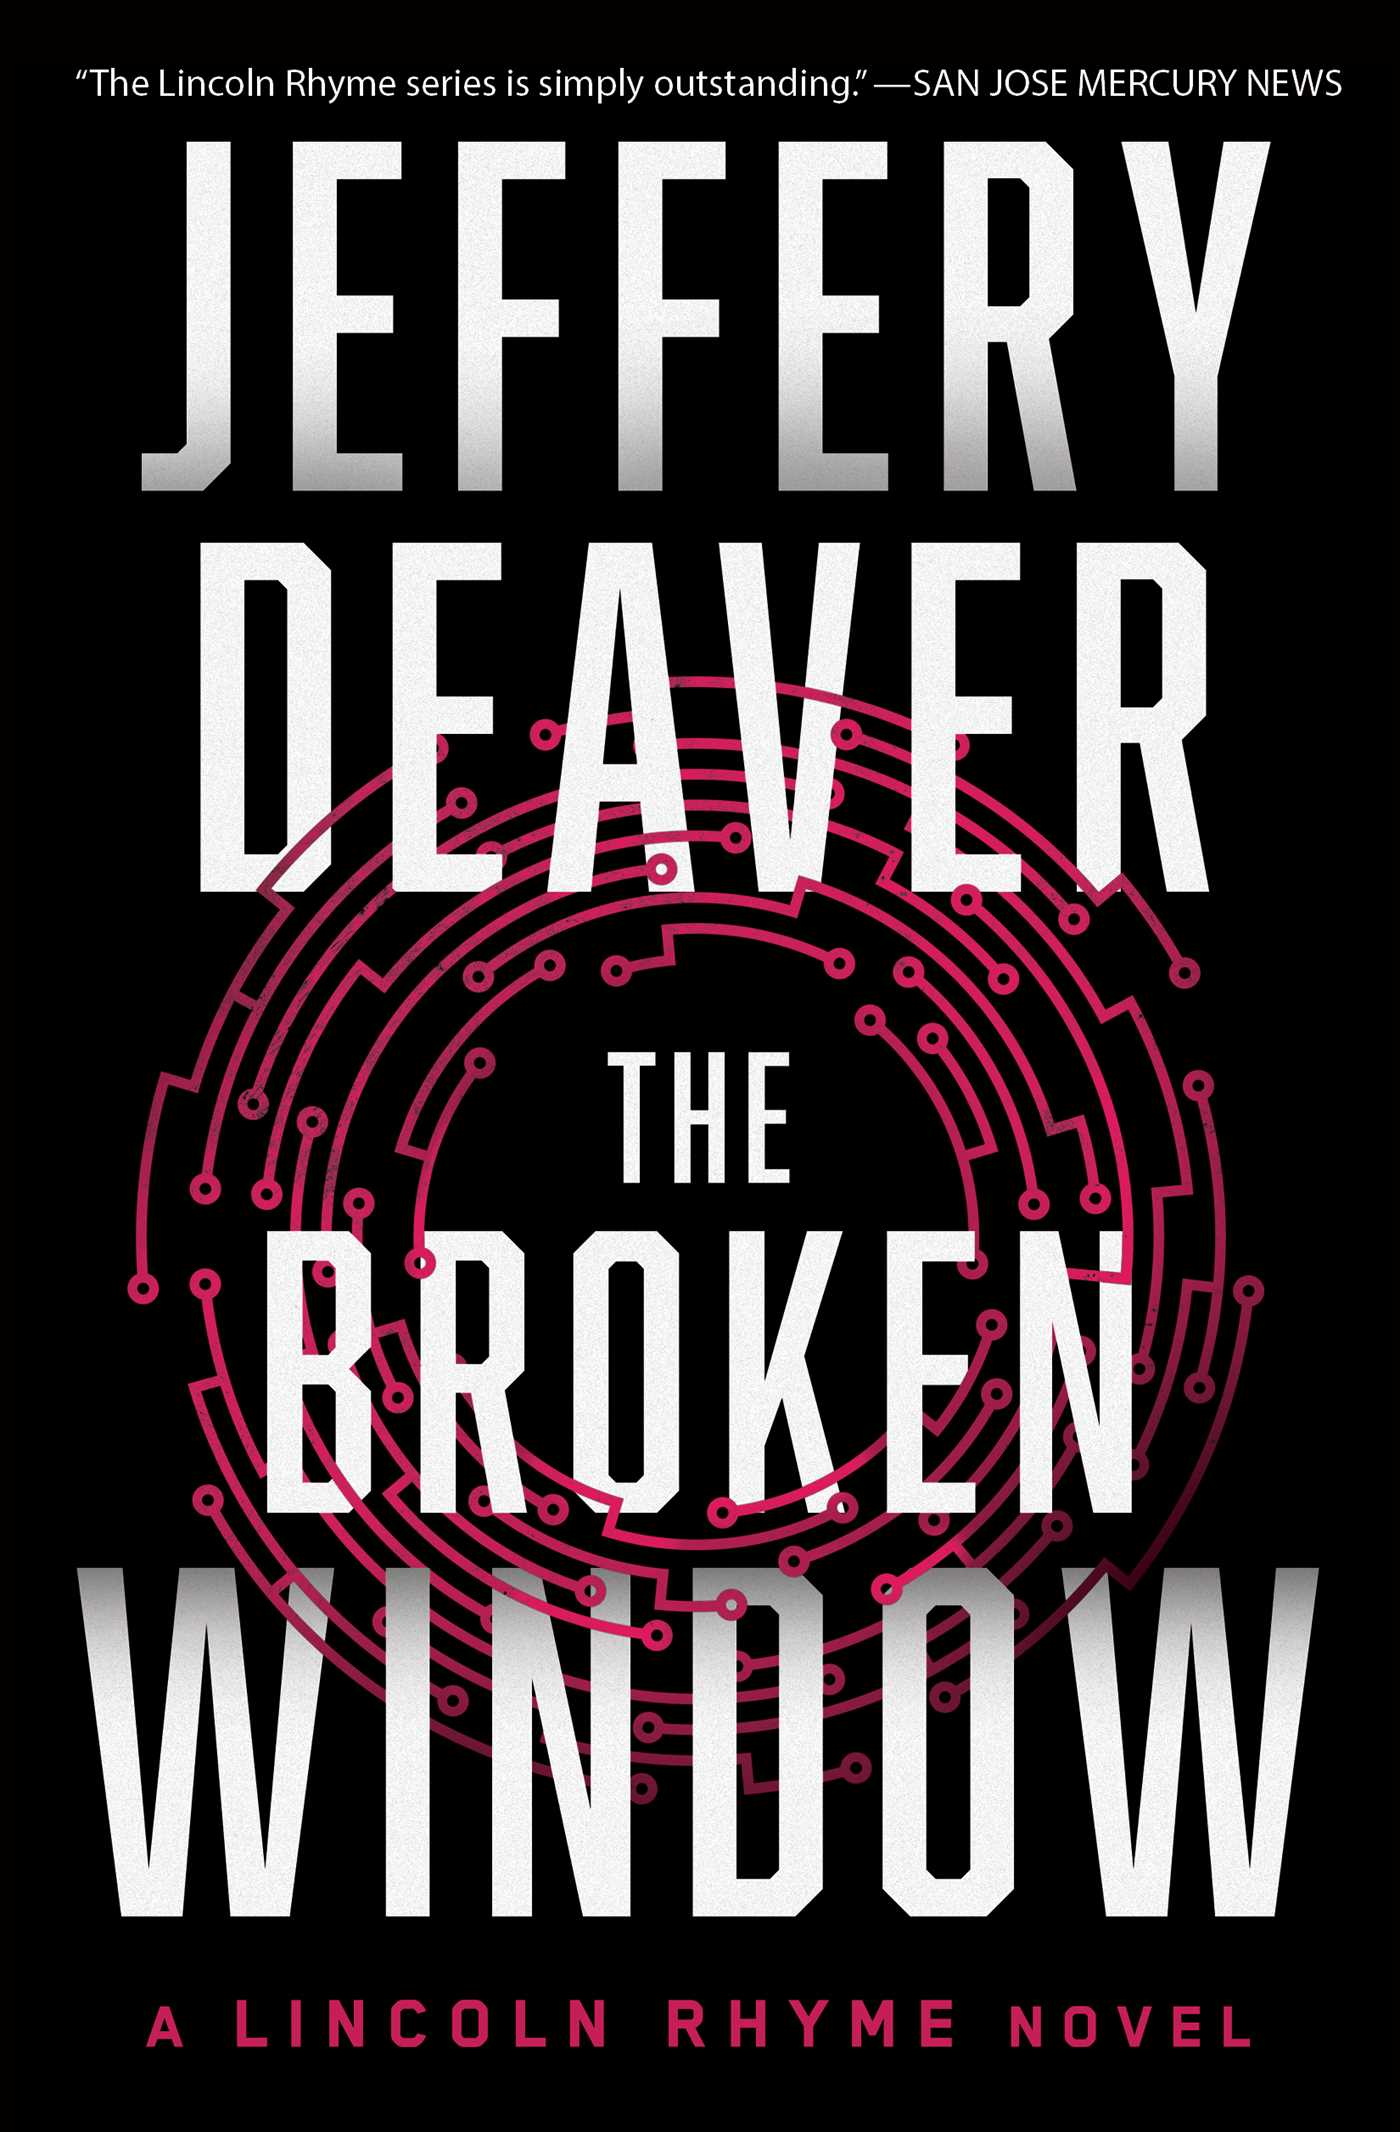 The broken window 9781416579595 hr